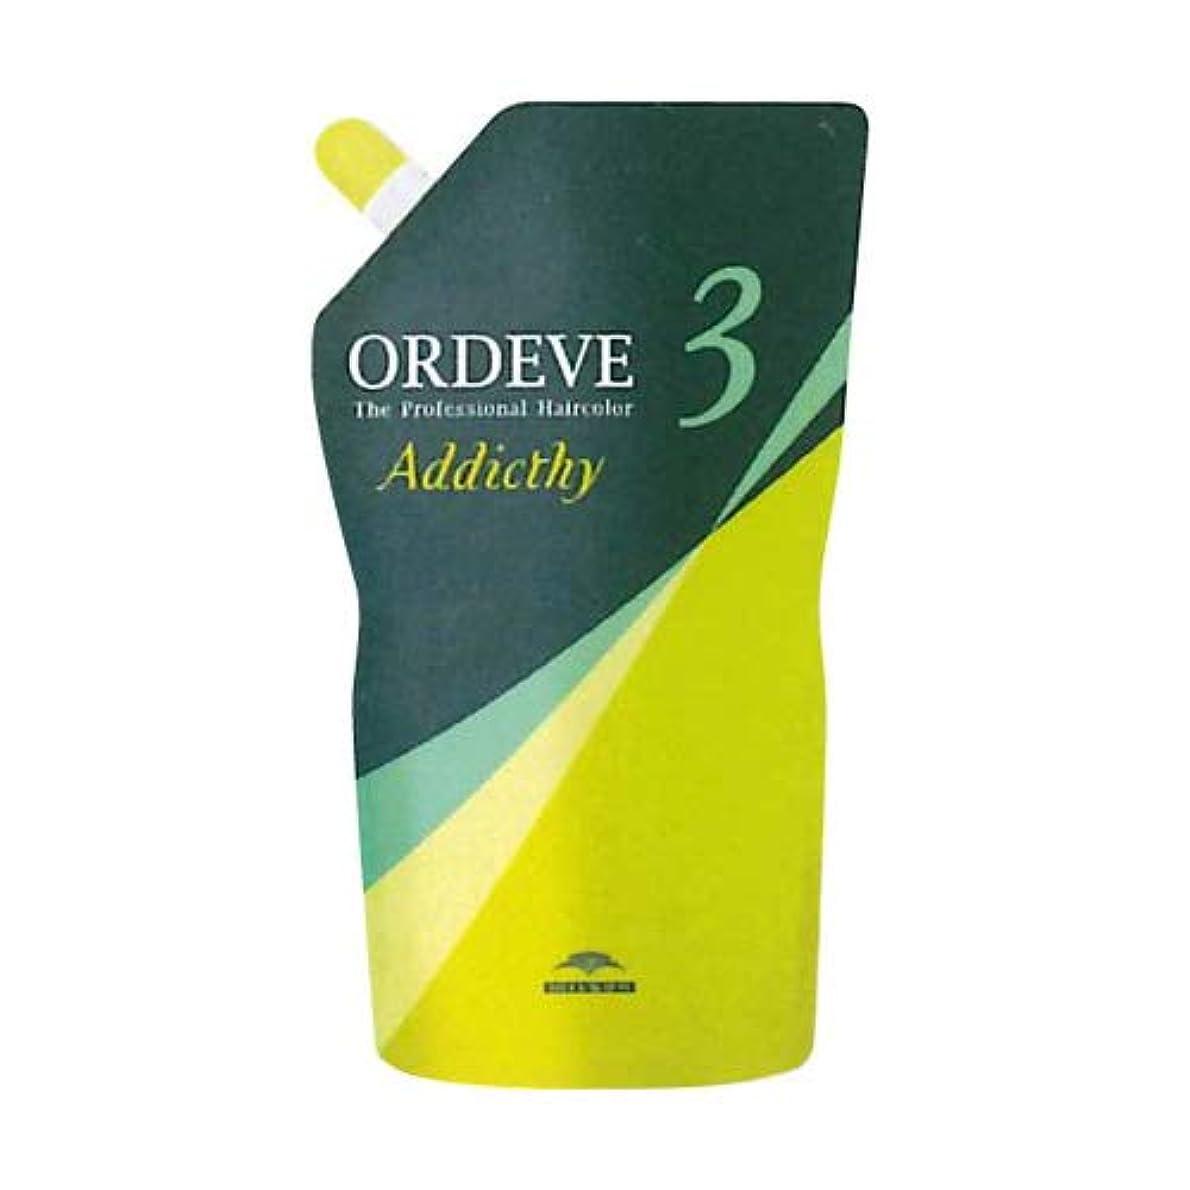 スキップ学ぶ誇張するミルボン オルディーブ アディクシー 2剤 オキシダン 3.0% 1000ml